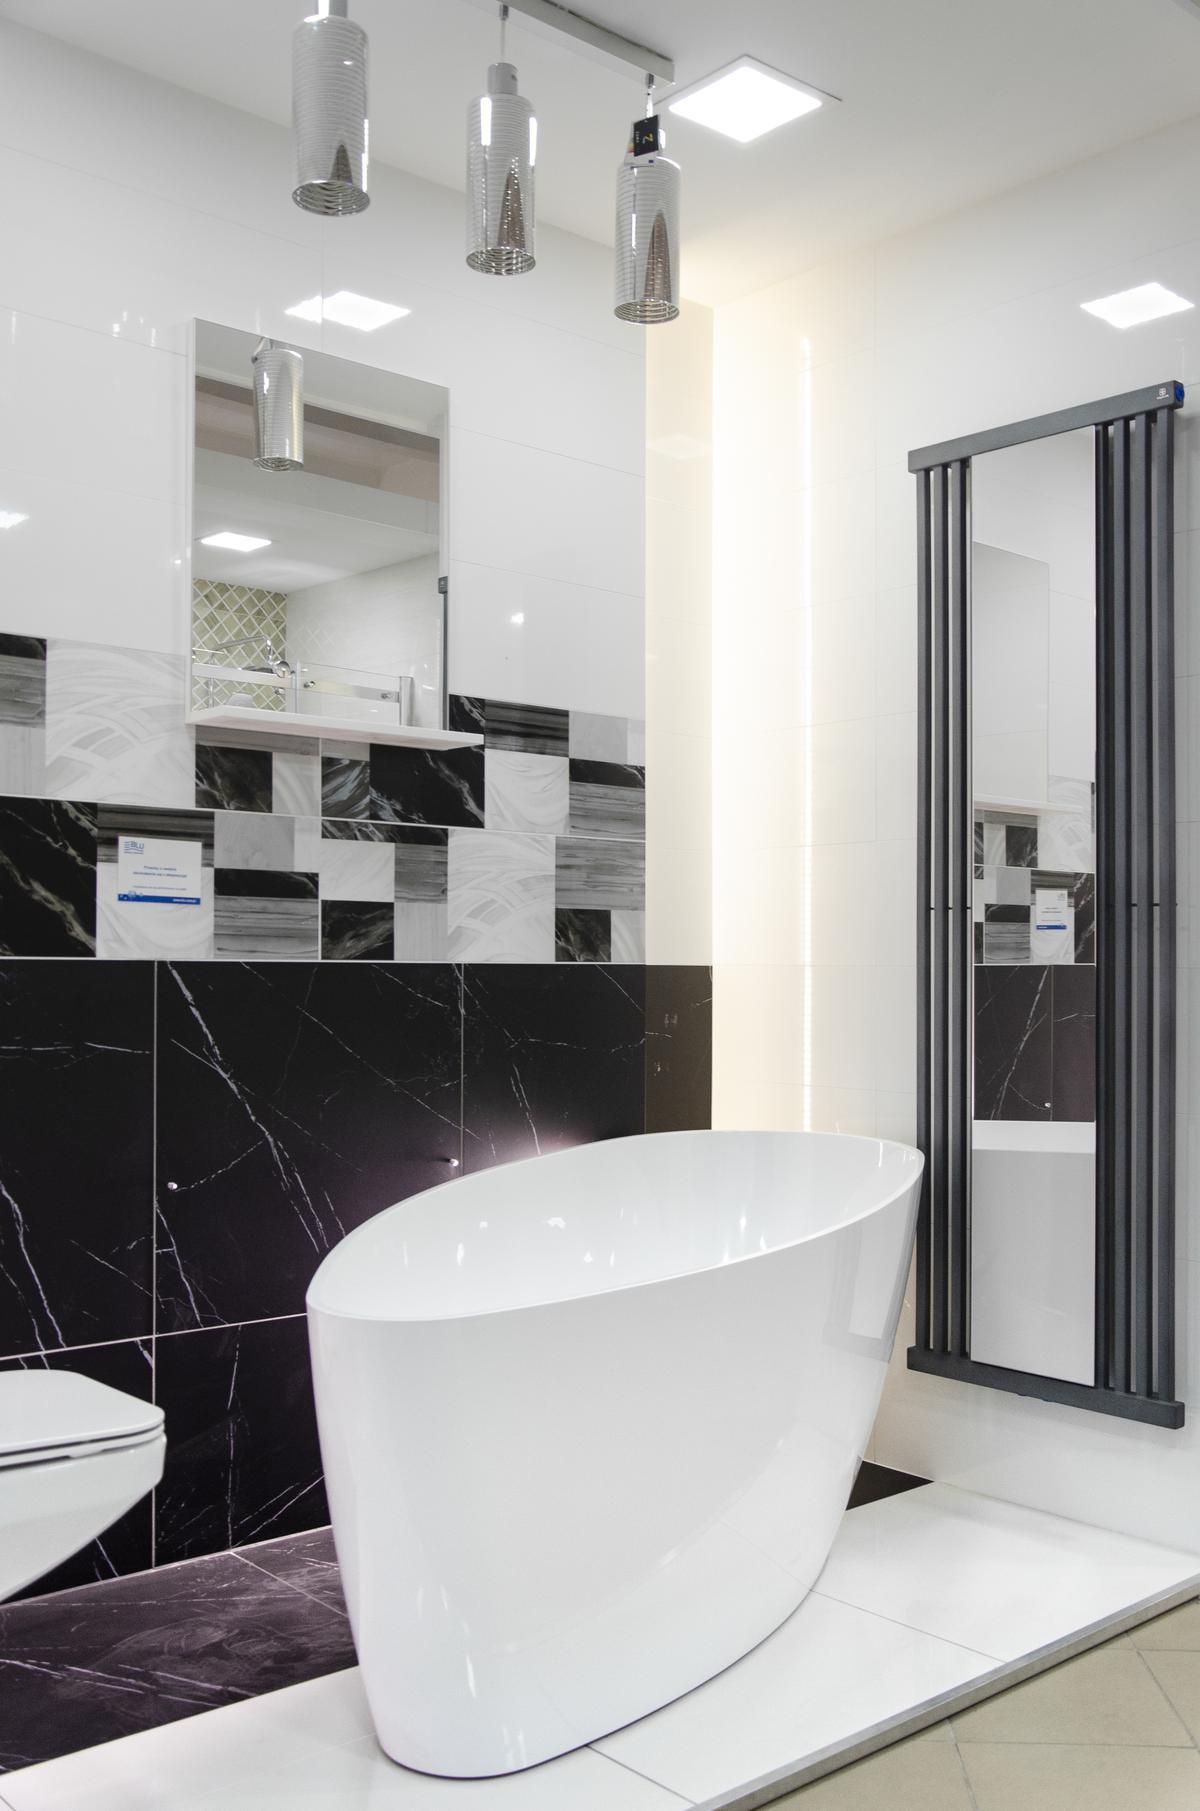 Propozycja biało-czarnej łazienki z płytką imitującą marmur i wanną IÖ - zdjęcie od BLU salon łazienek Pułtusk